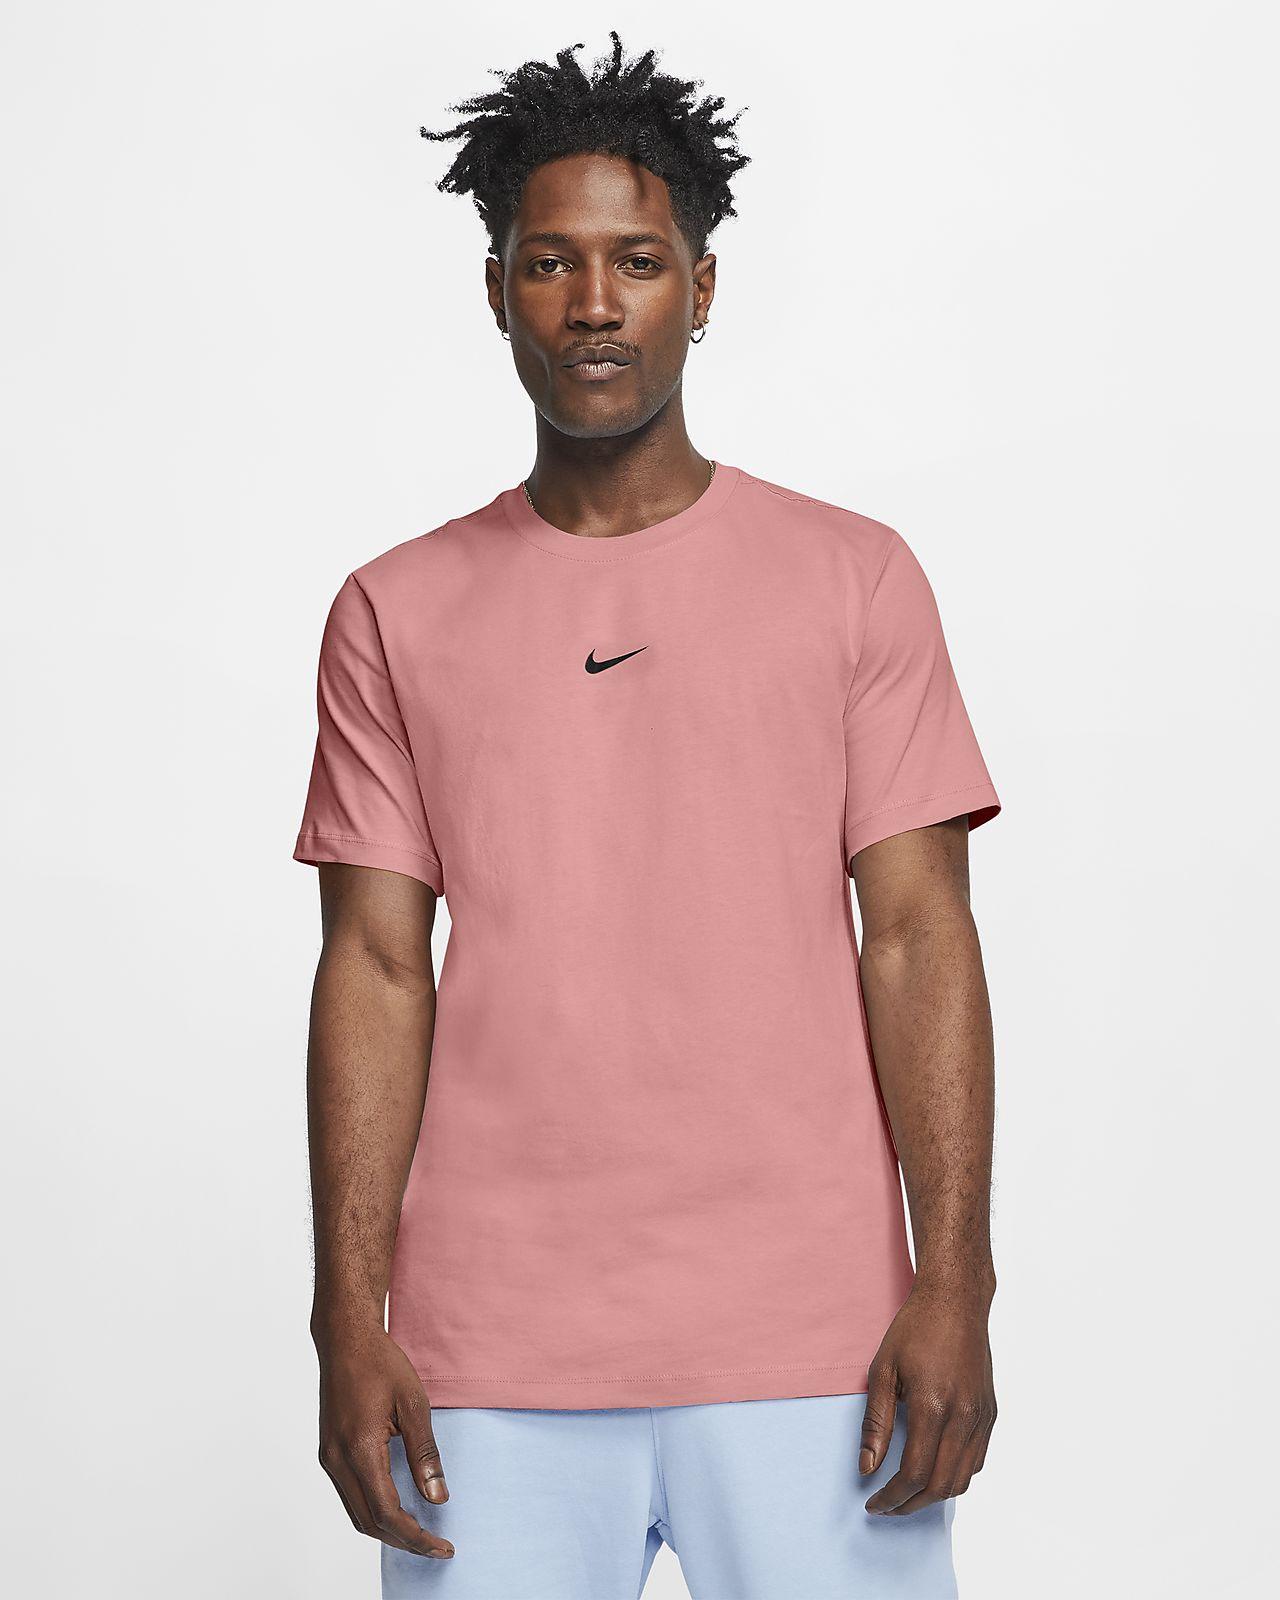 Ανδρικό T-Shirt με σήμα Swoosh Nike Sportswear